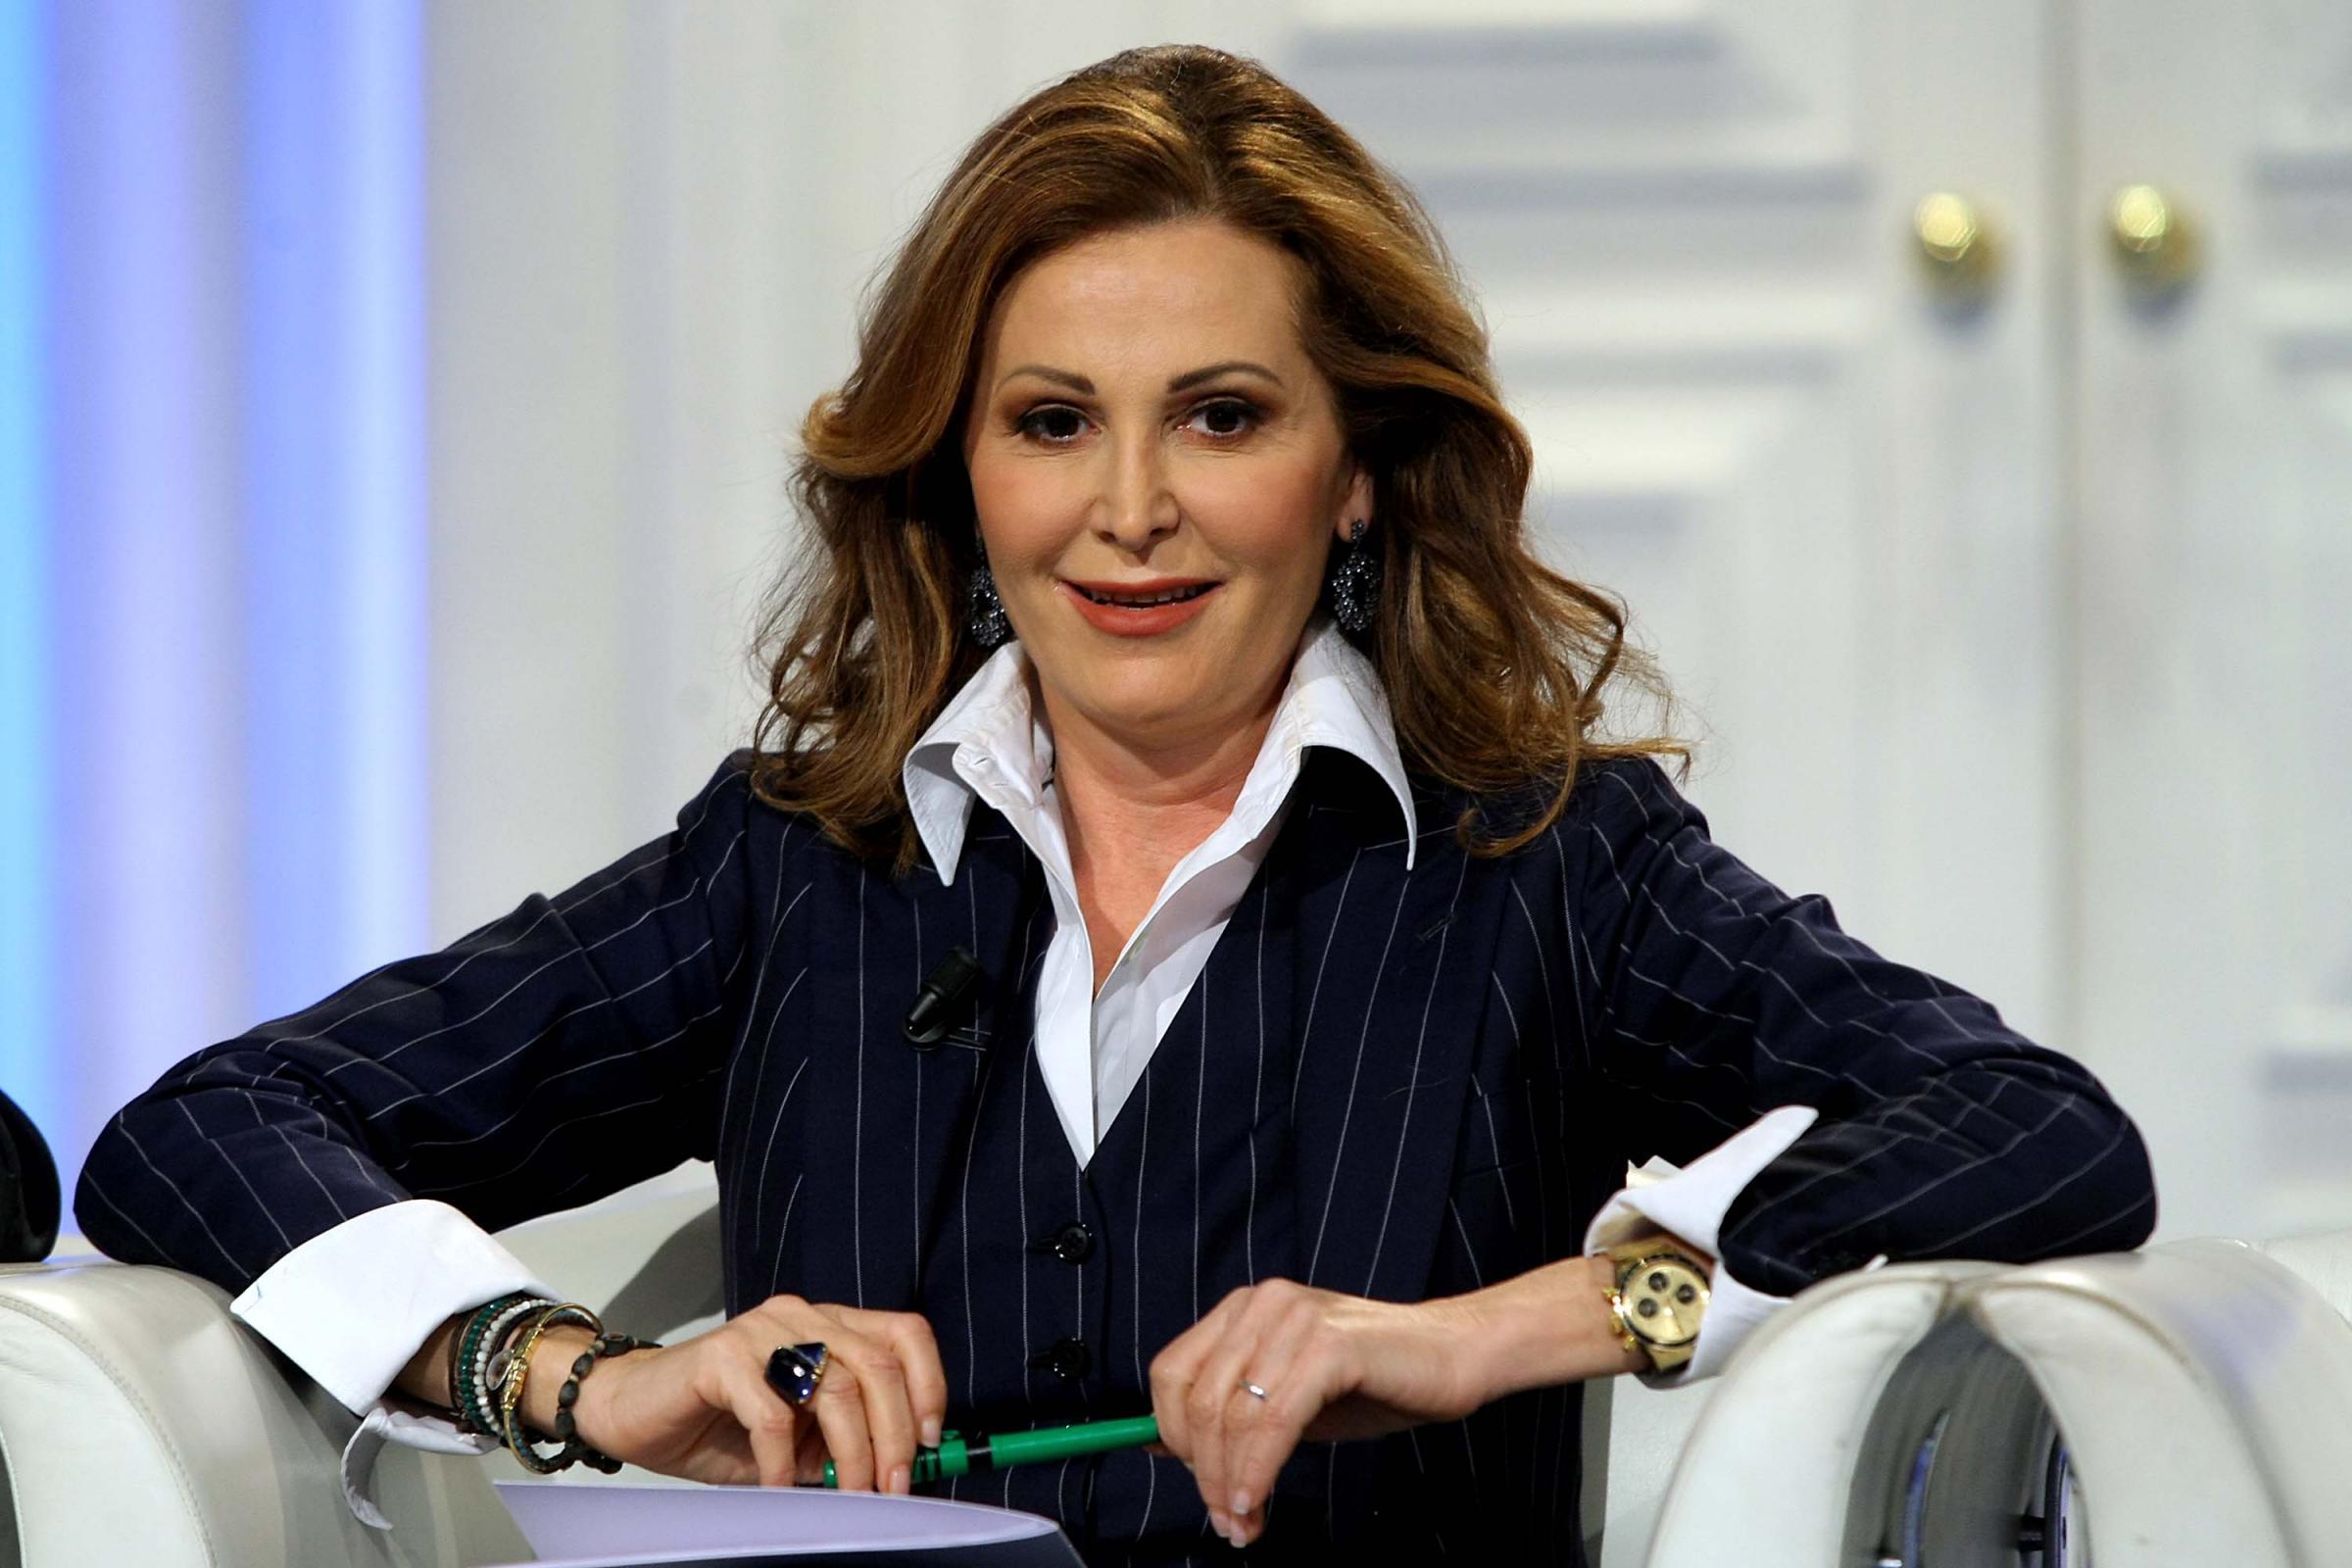 Daniela Santanchè, il nuovo fidanzato è Dimitri d'Asburgo Lorena